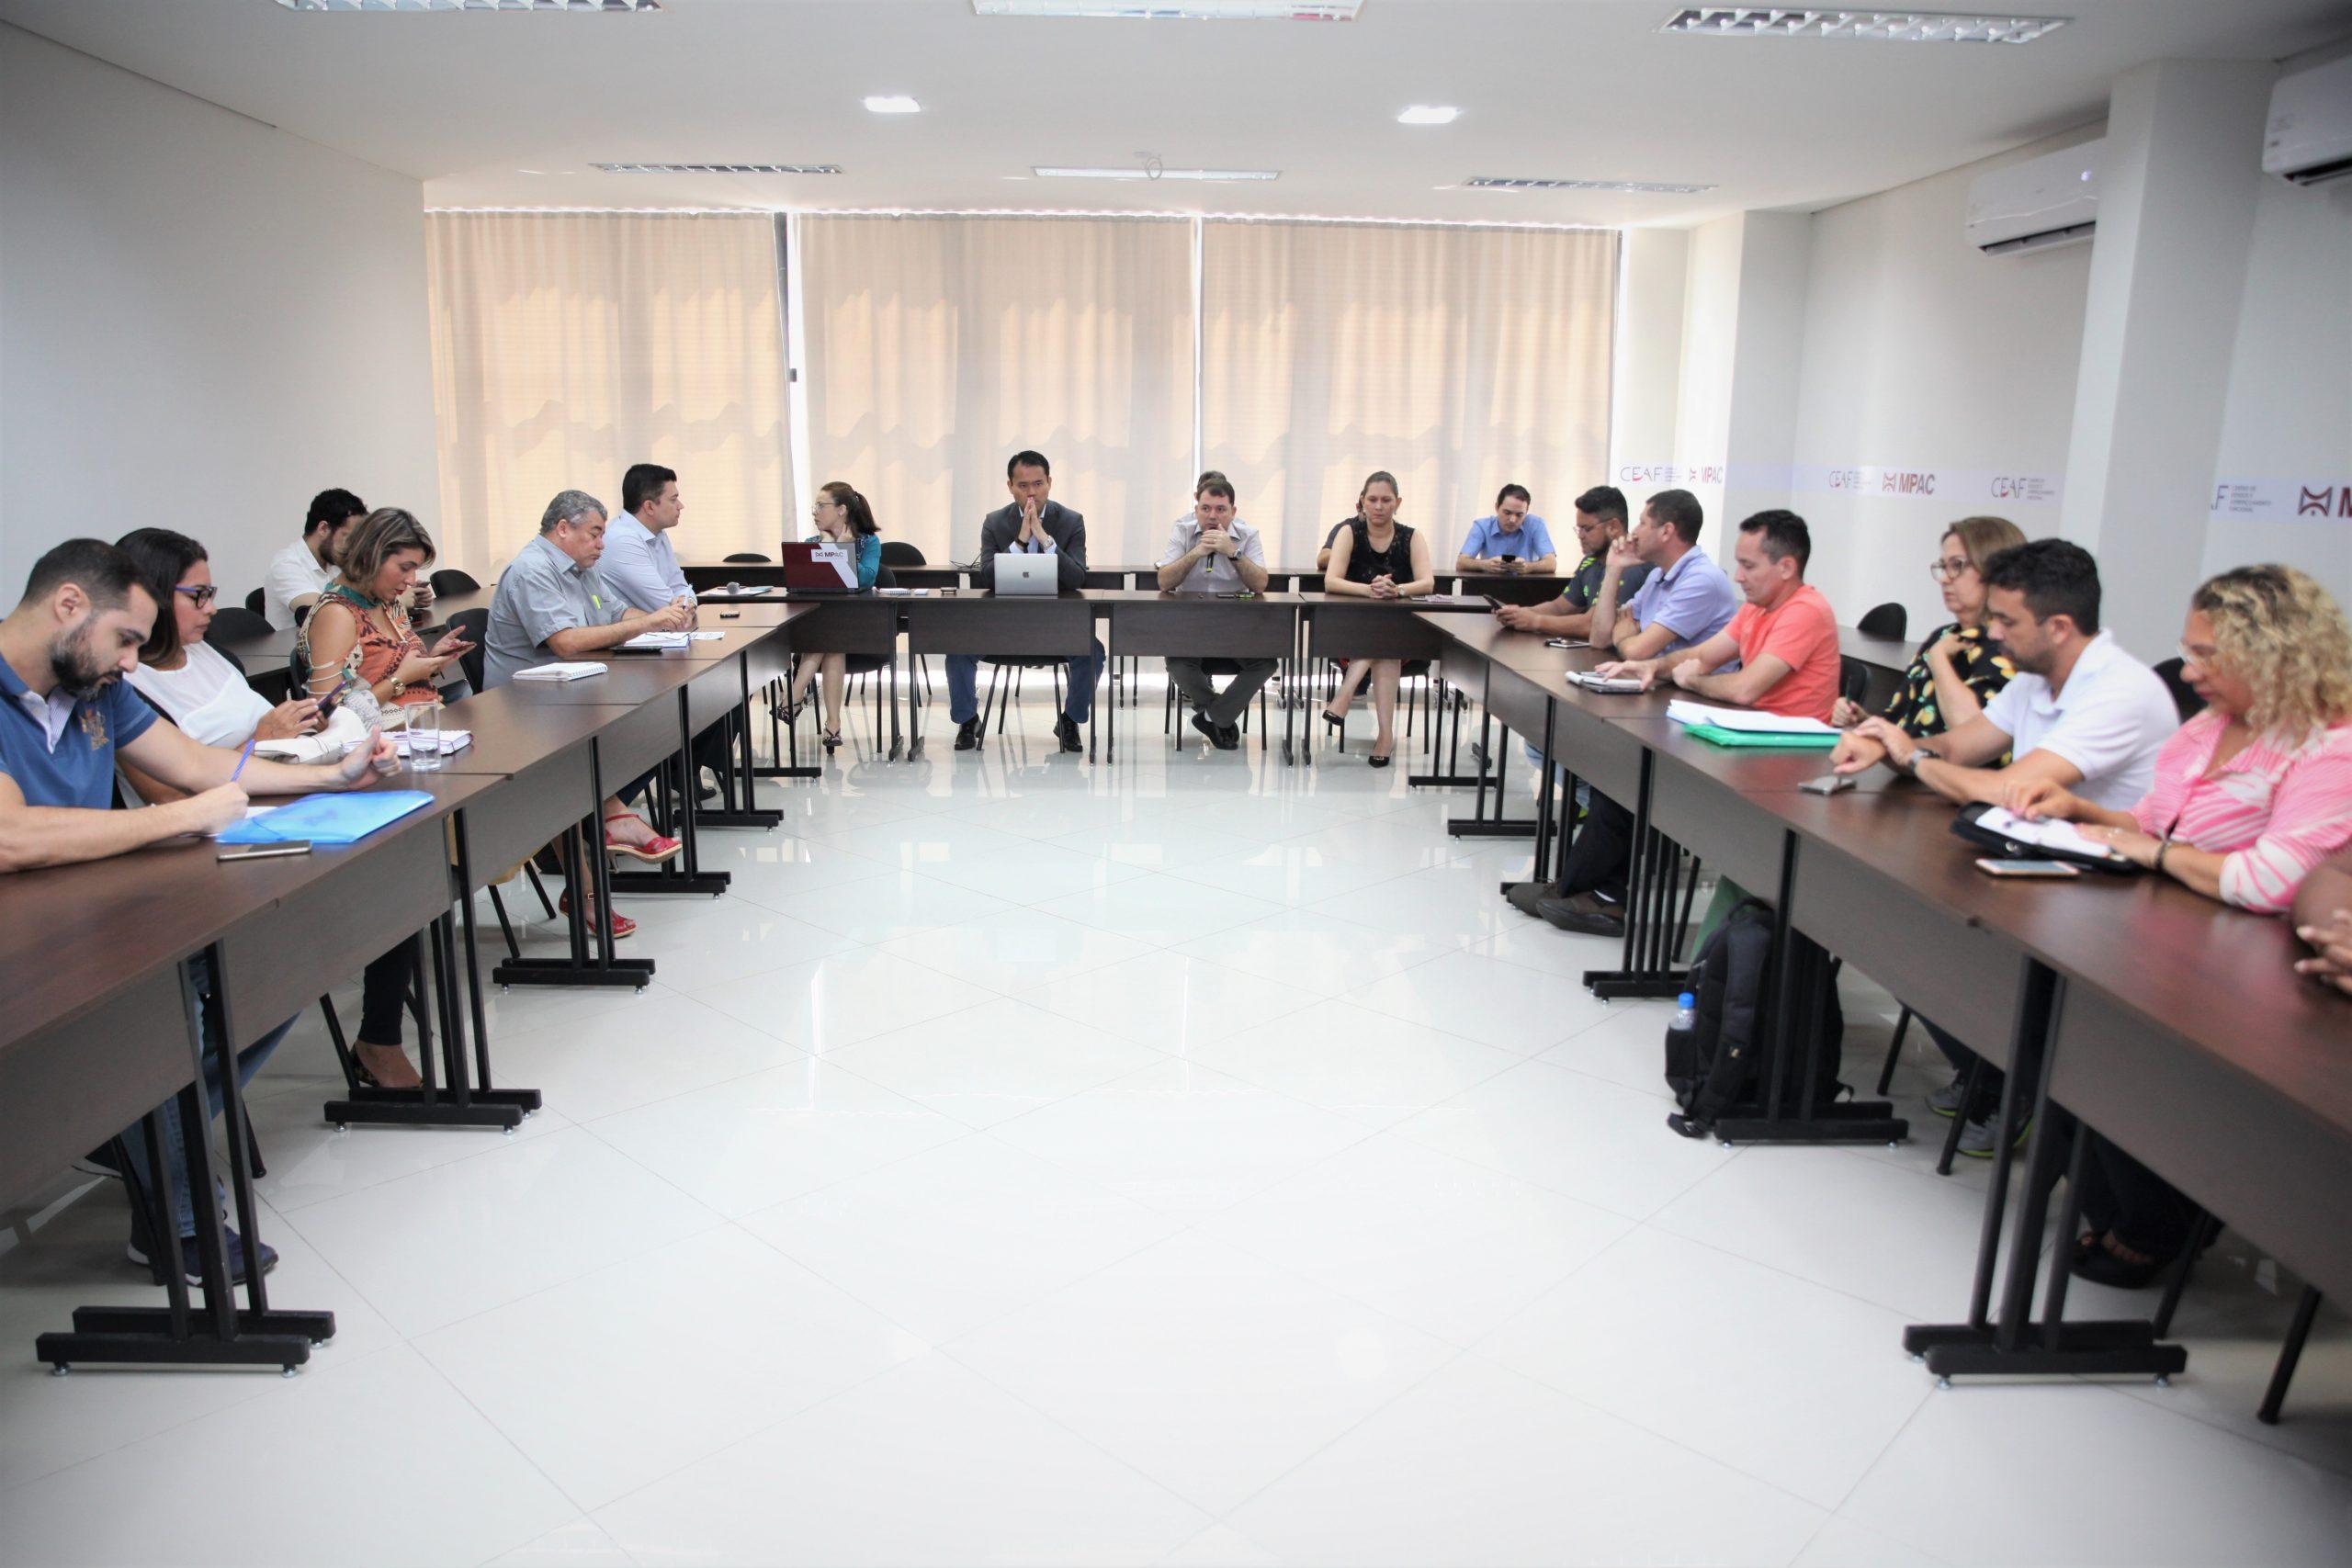 Saúde, sindicatos e MPAC discutem uso do ponto eletrônico nos hospitais e unidades do estado